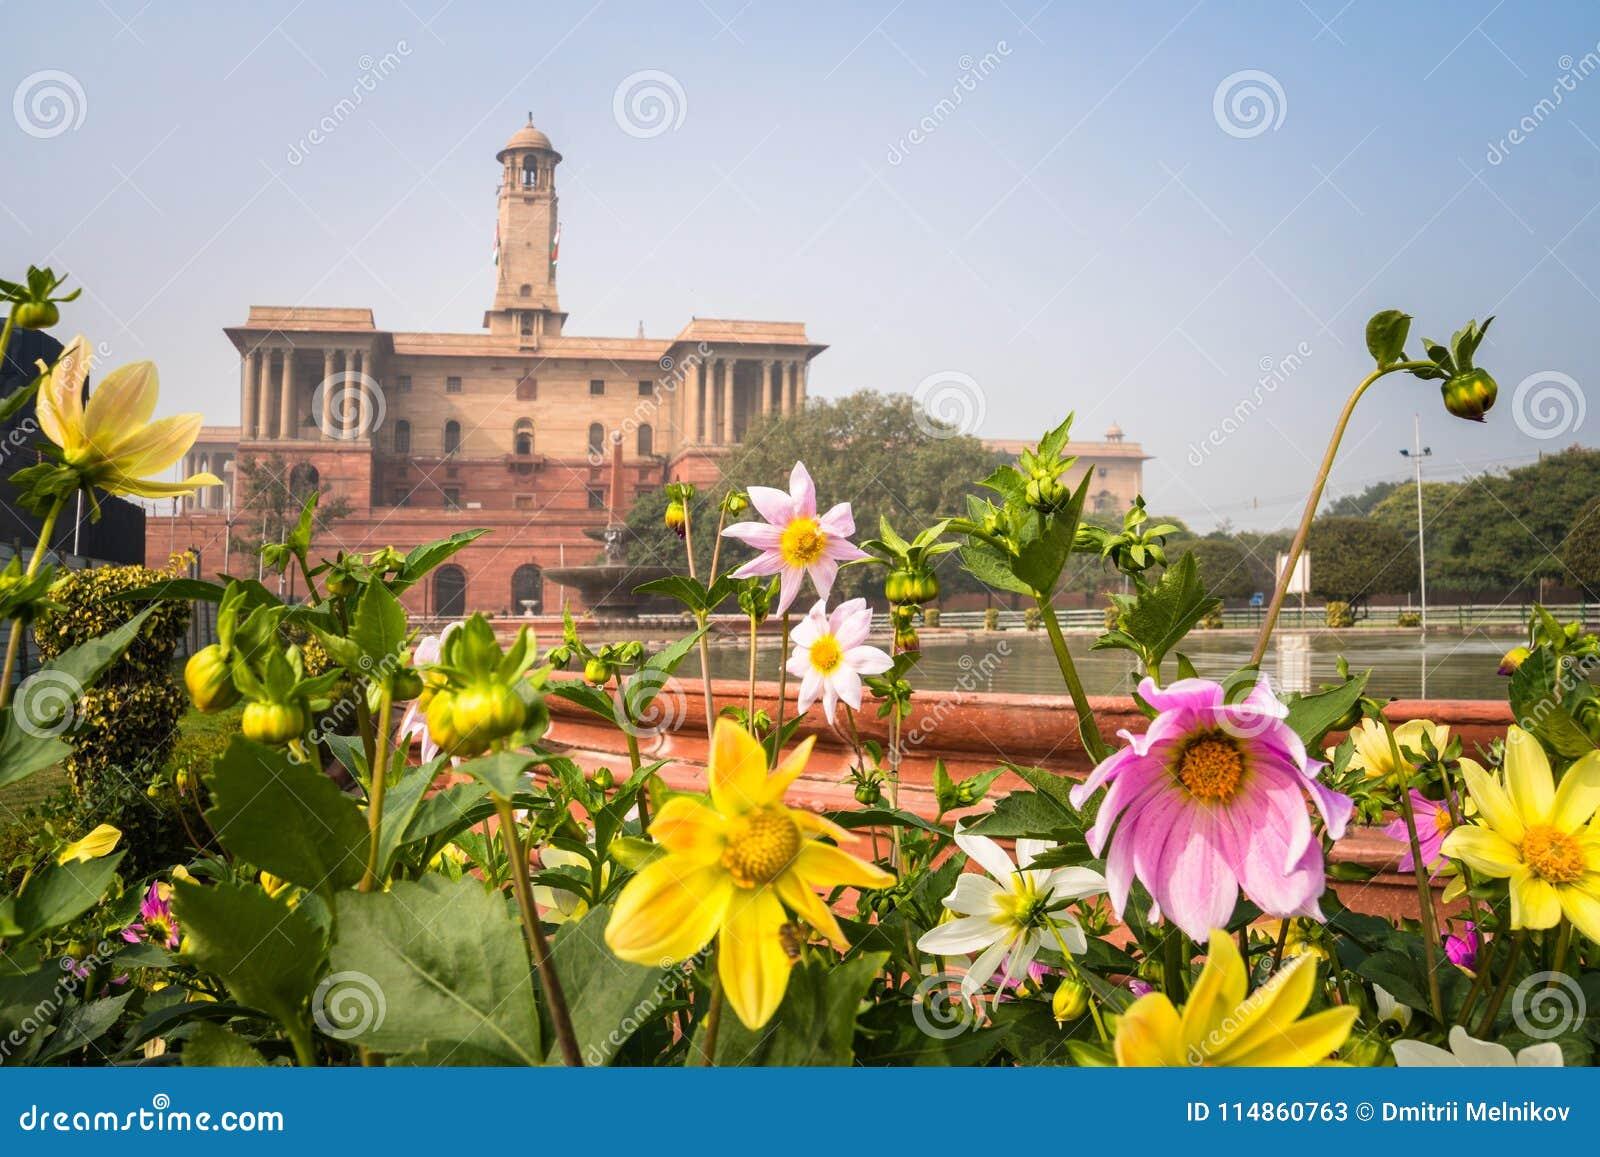 Flores em um jardim formal, jardim de Mughal, Rashtrapati Bhavan